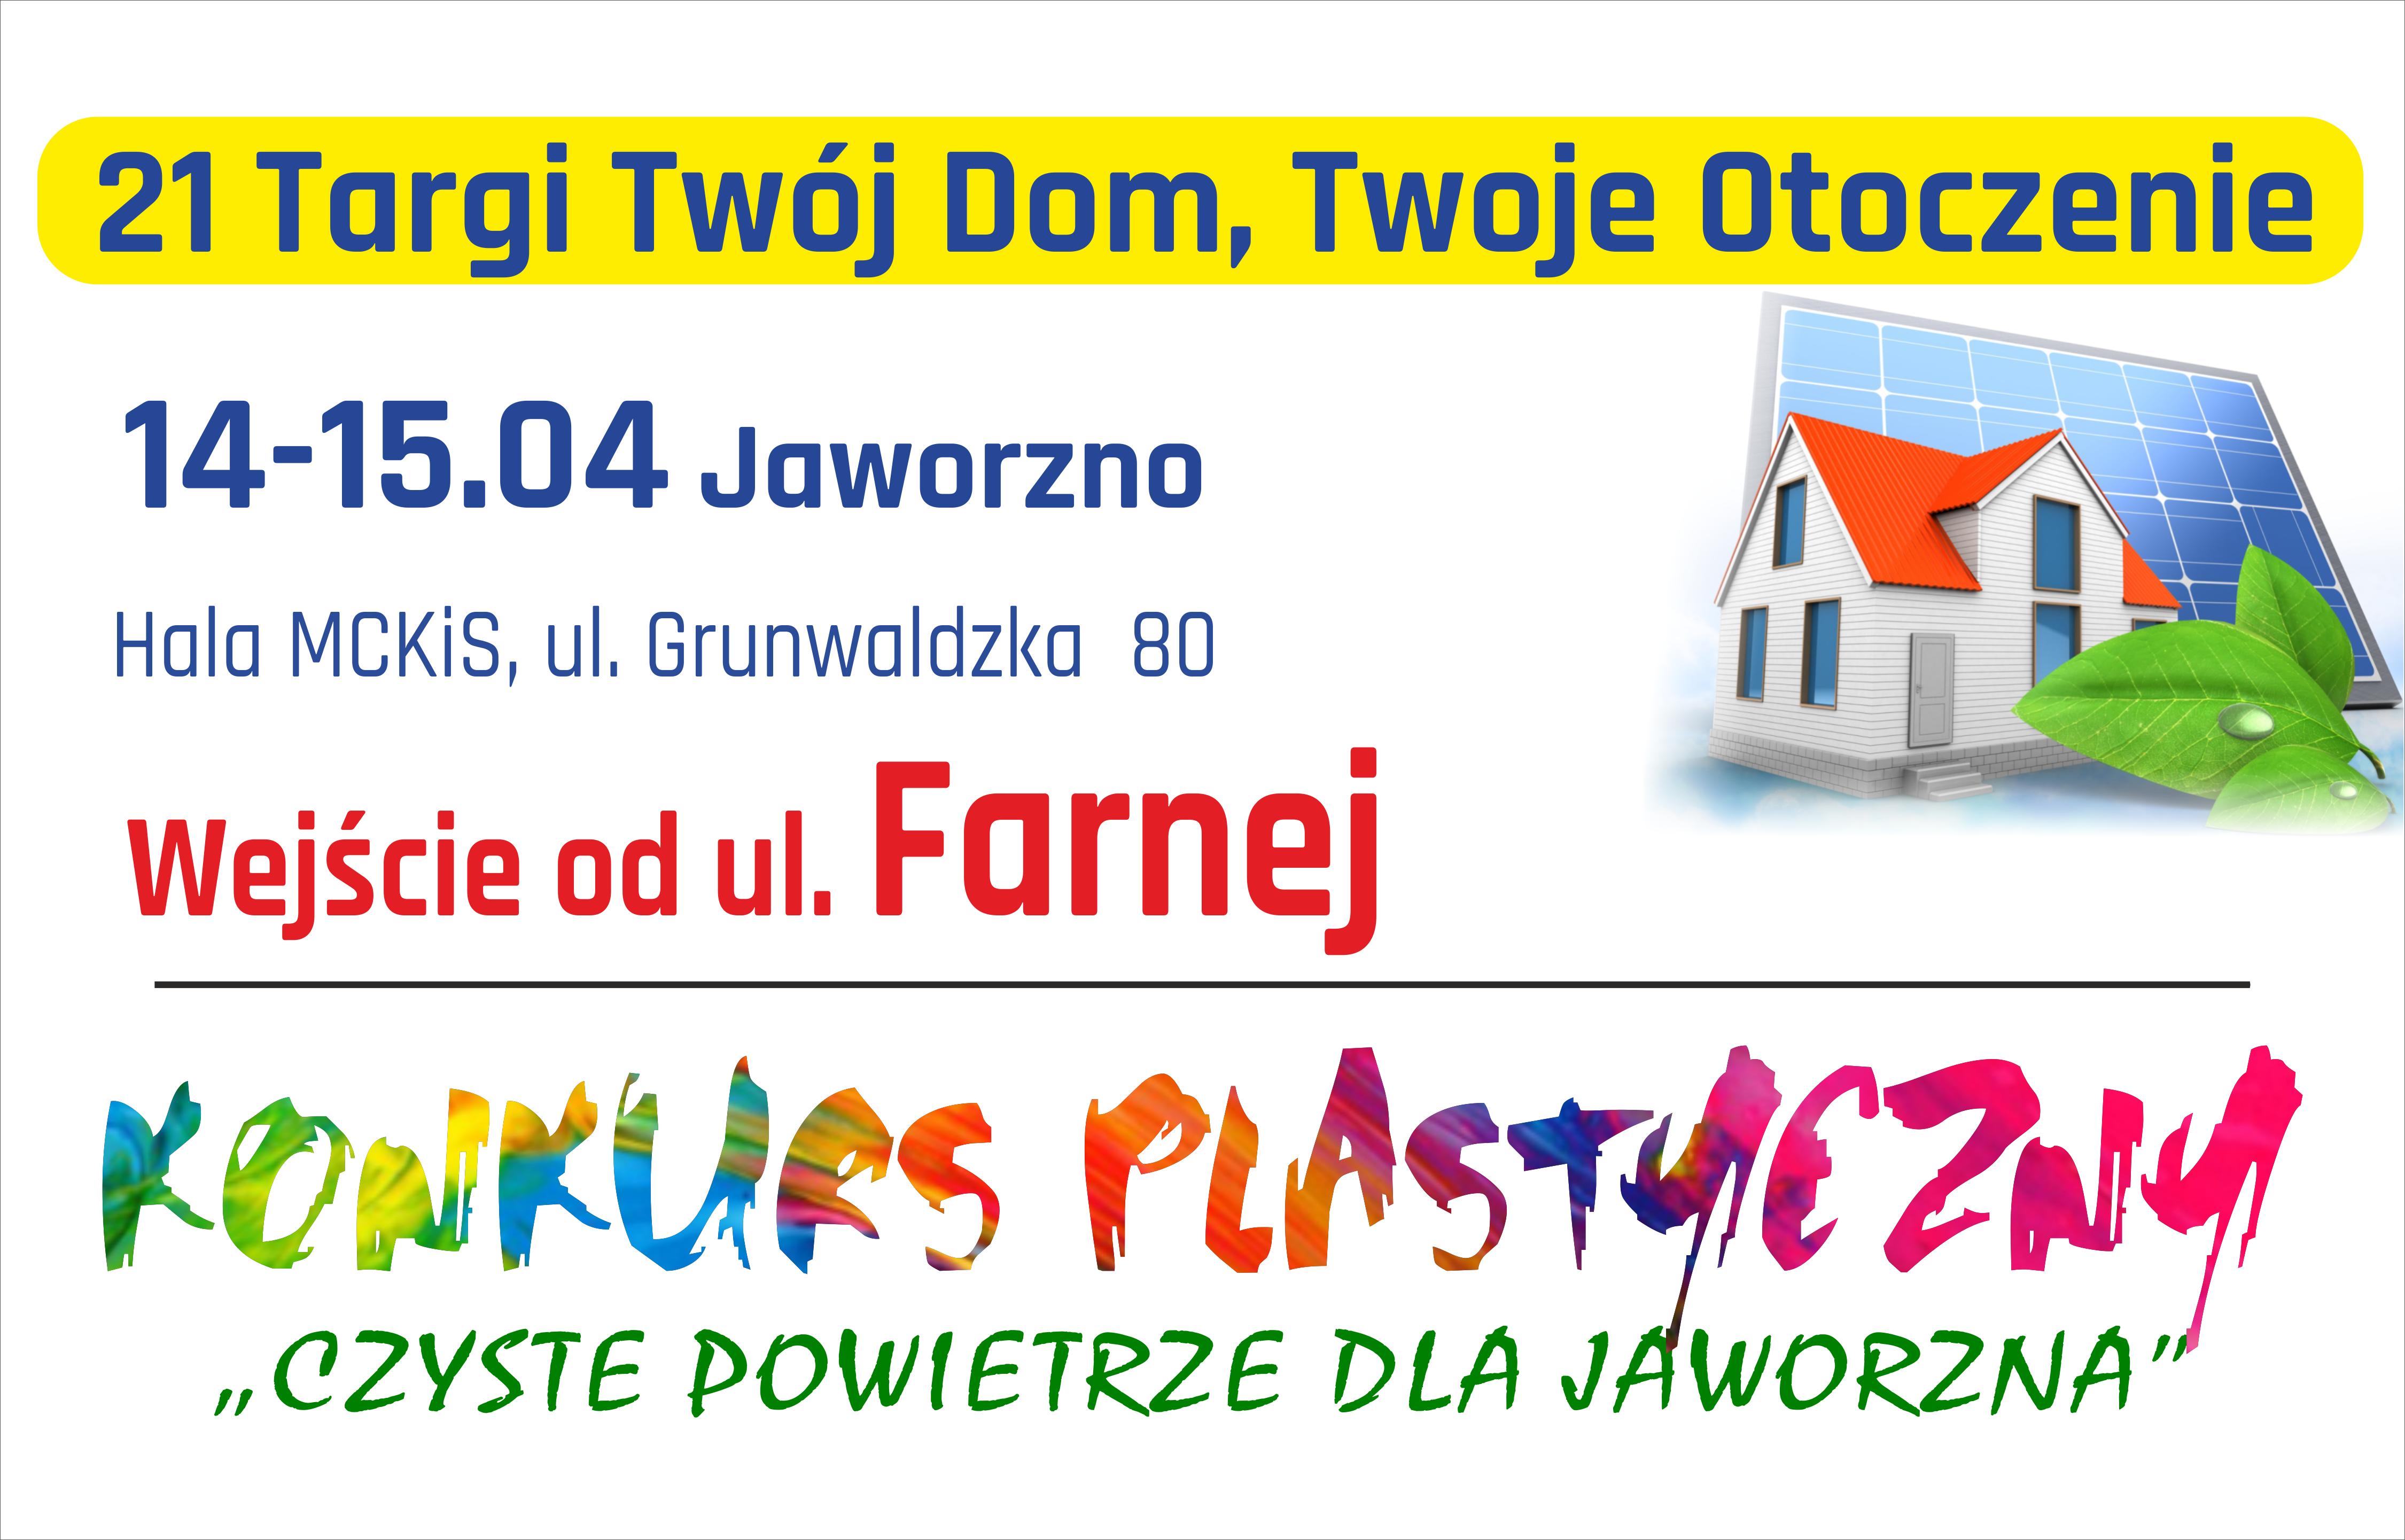 Wręczenie nagród Promocja-Targi.pl